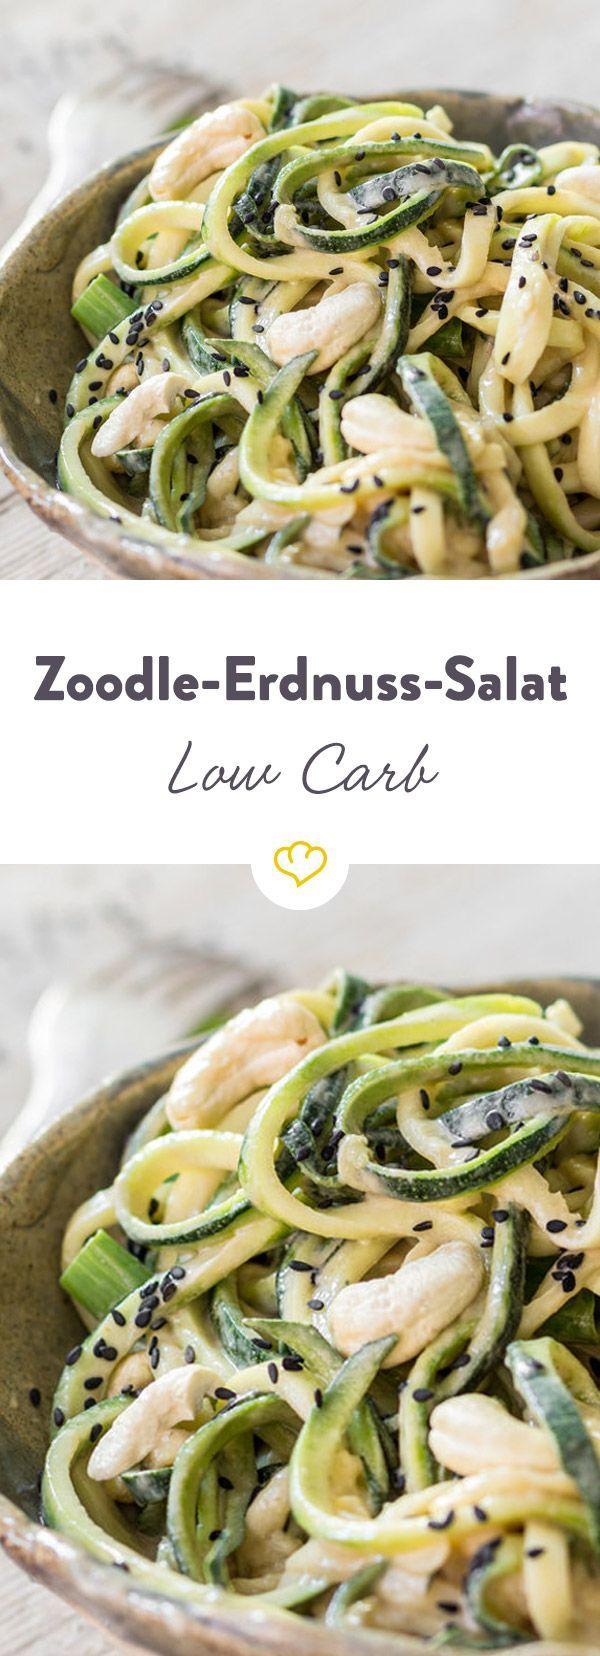 Kennst du Zoodles? Diese knackig-grünen Zucchinispaghetti? Hier als leichter Salat und mit einem herrlich cremigen Erdnussdressing.